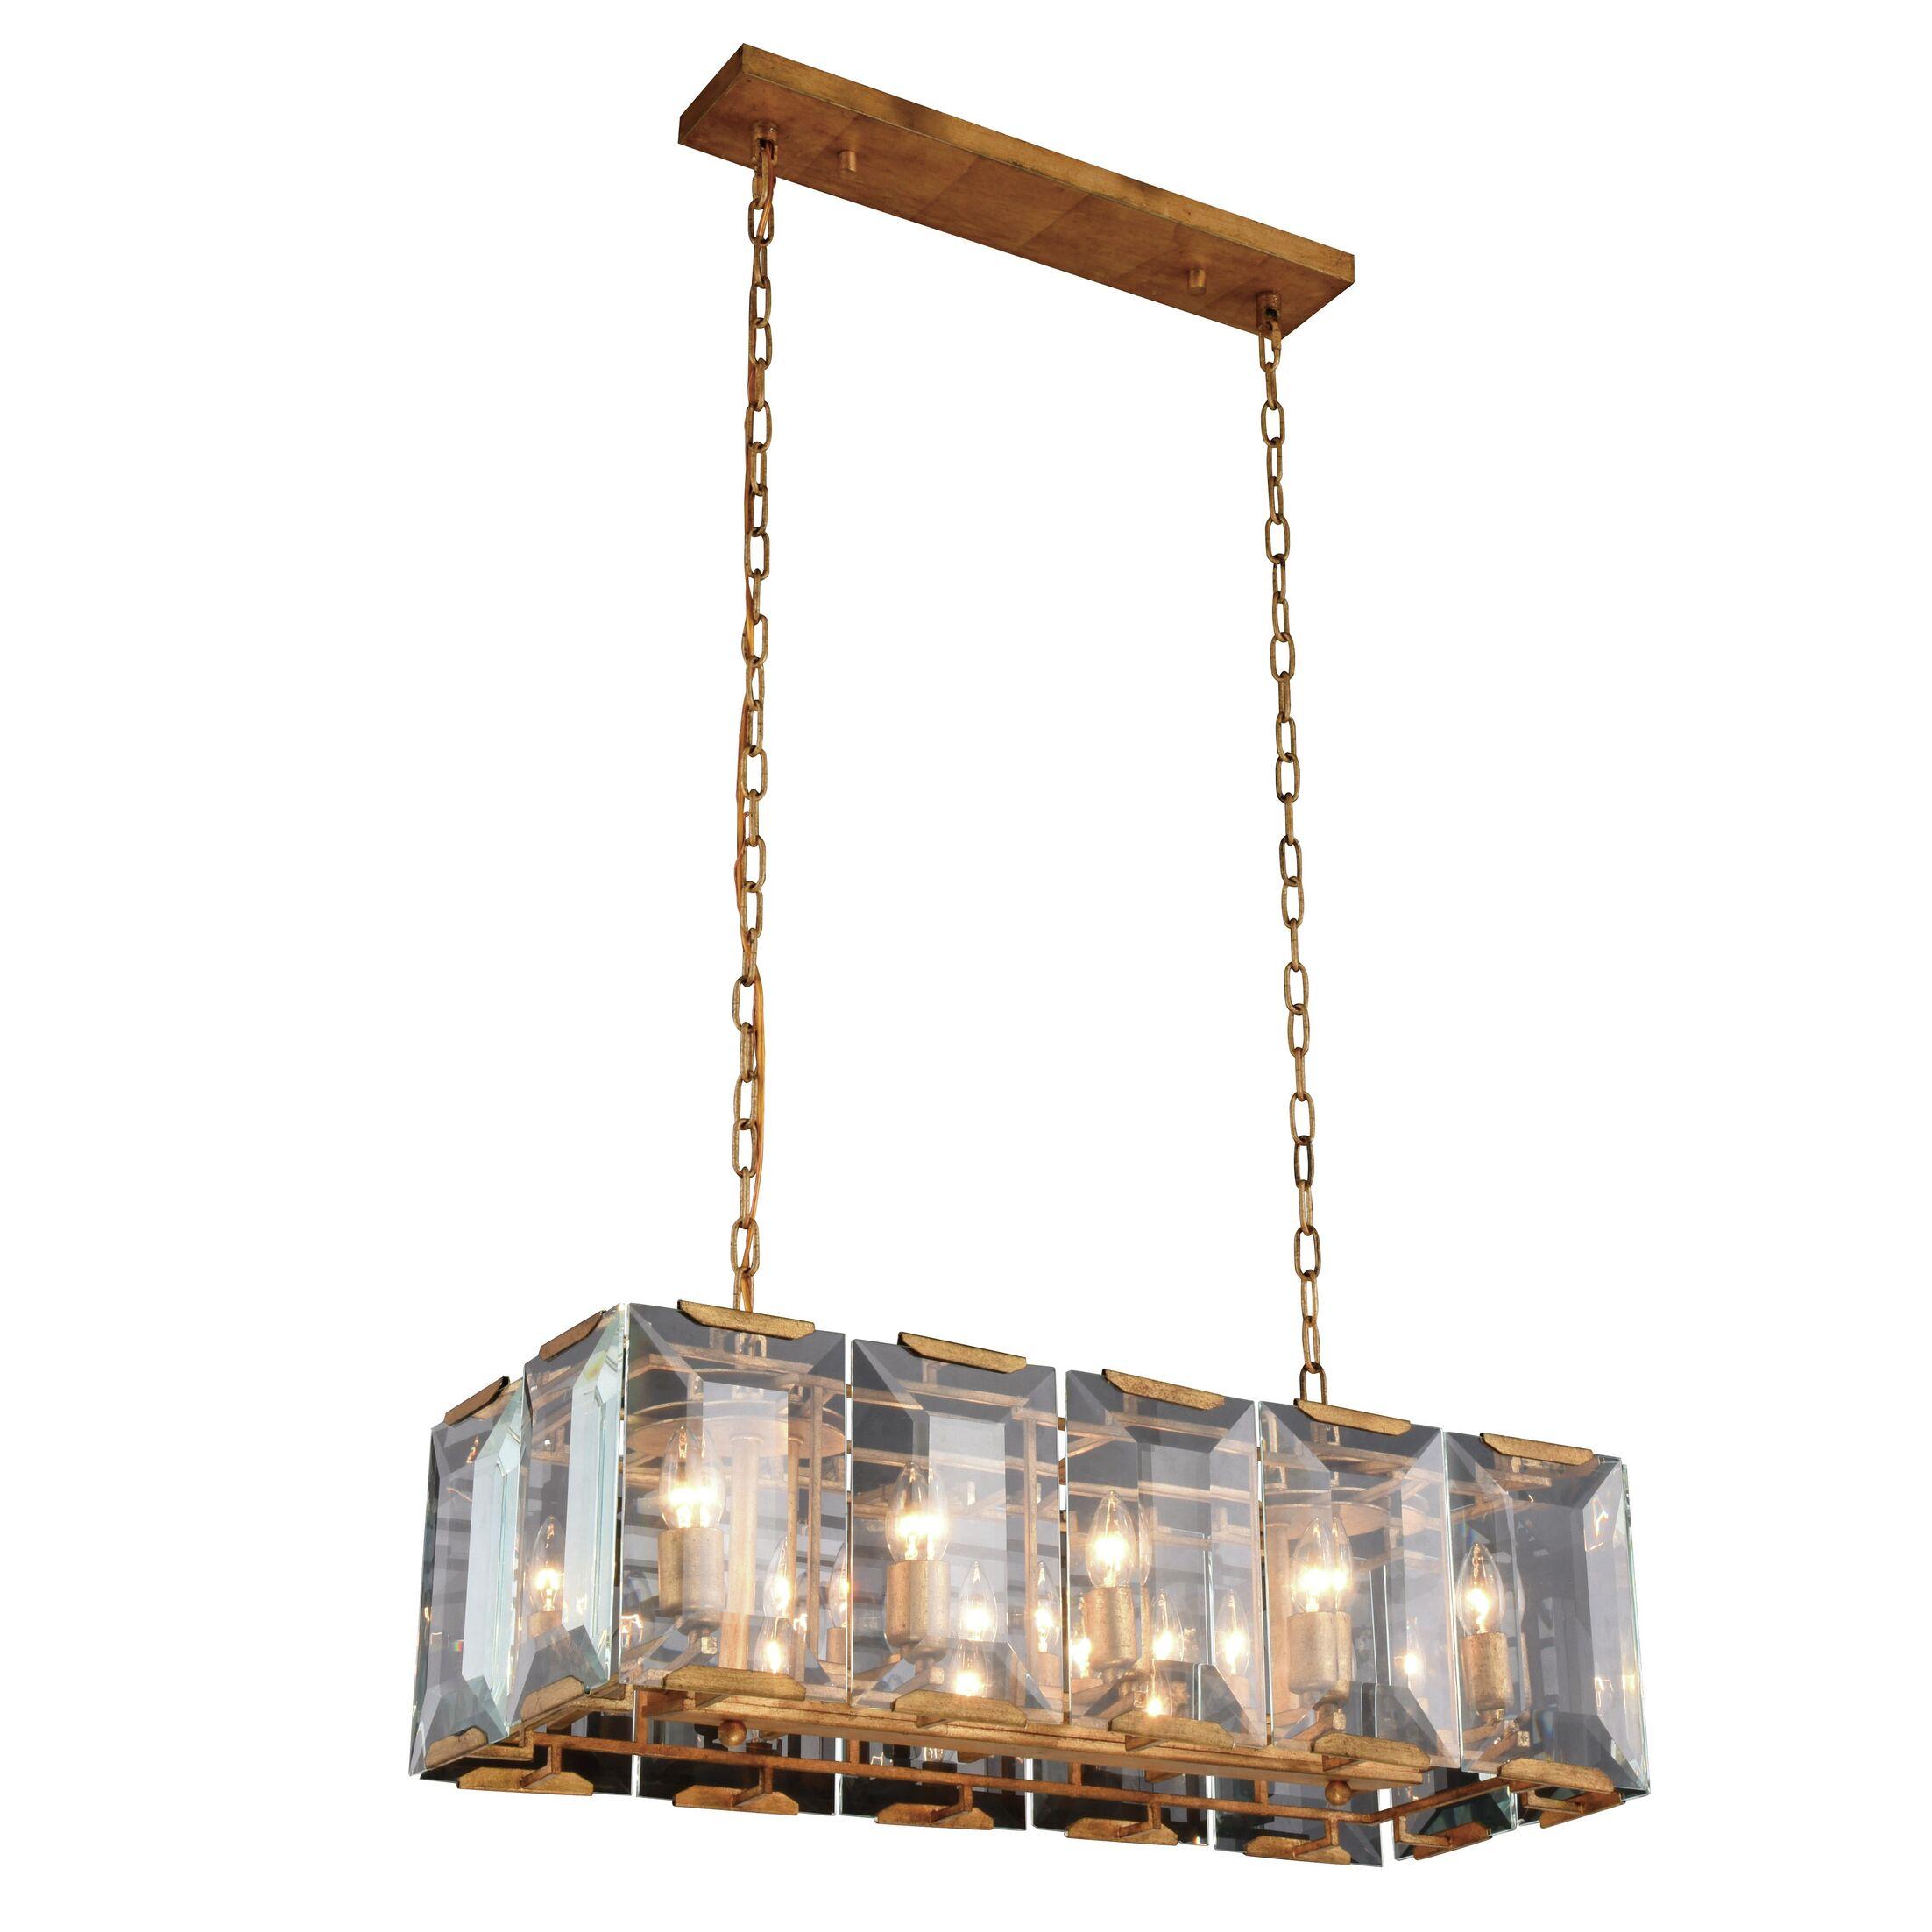 Tallman 10-Light Pendant